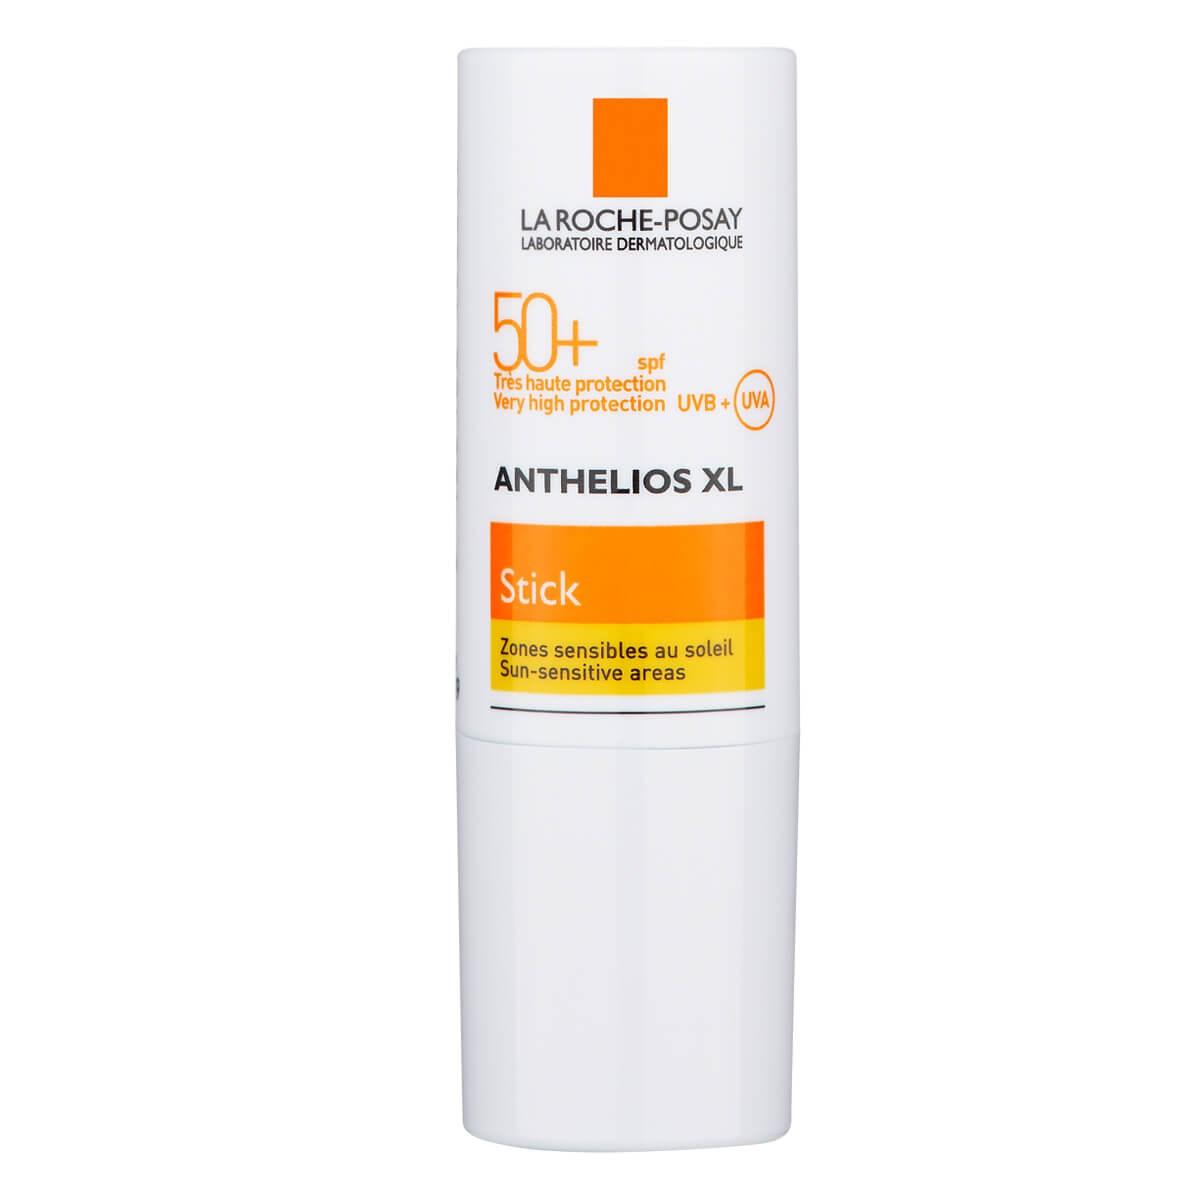 La Roche-Posay Anthelios XL SPF 50+ Stick